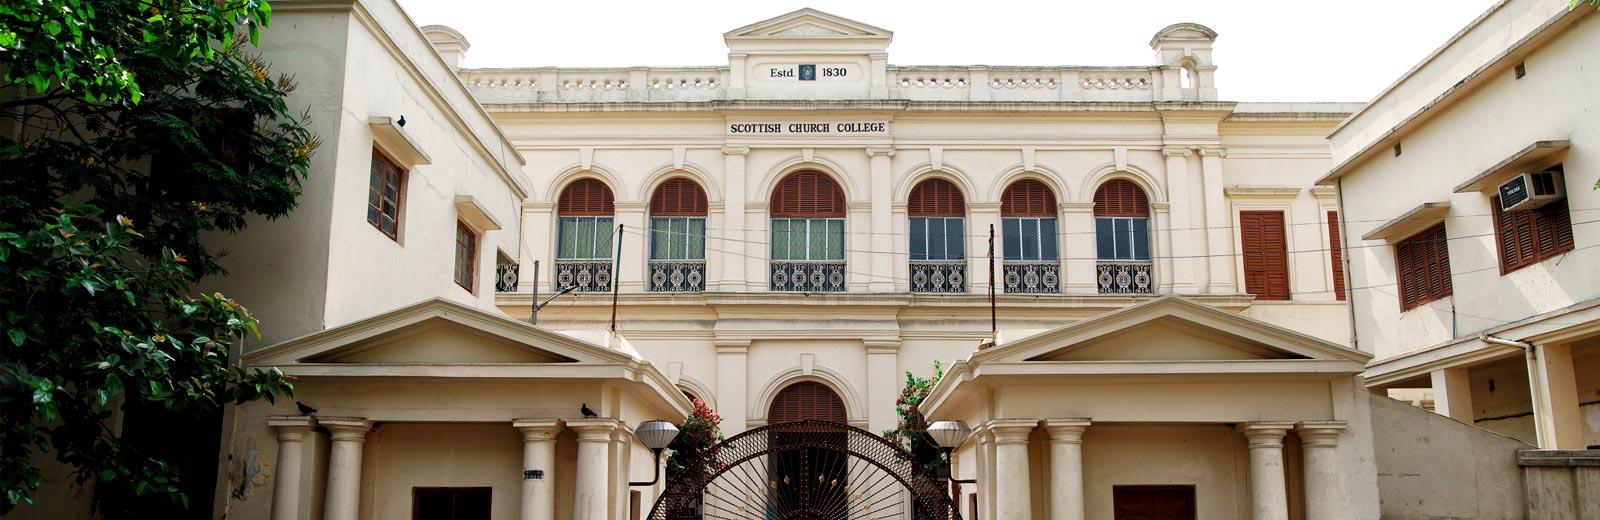 Scottish Church College | Kolkata